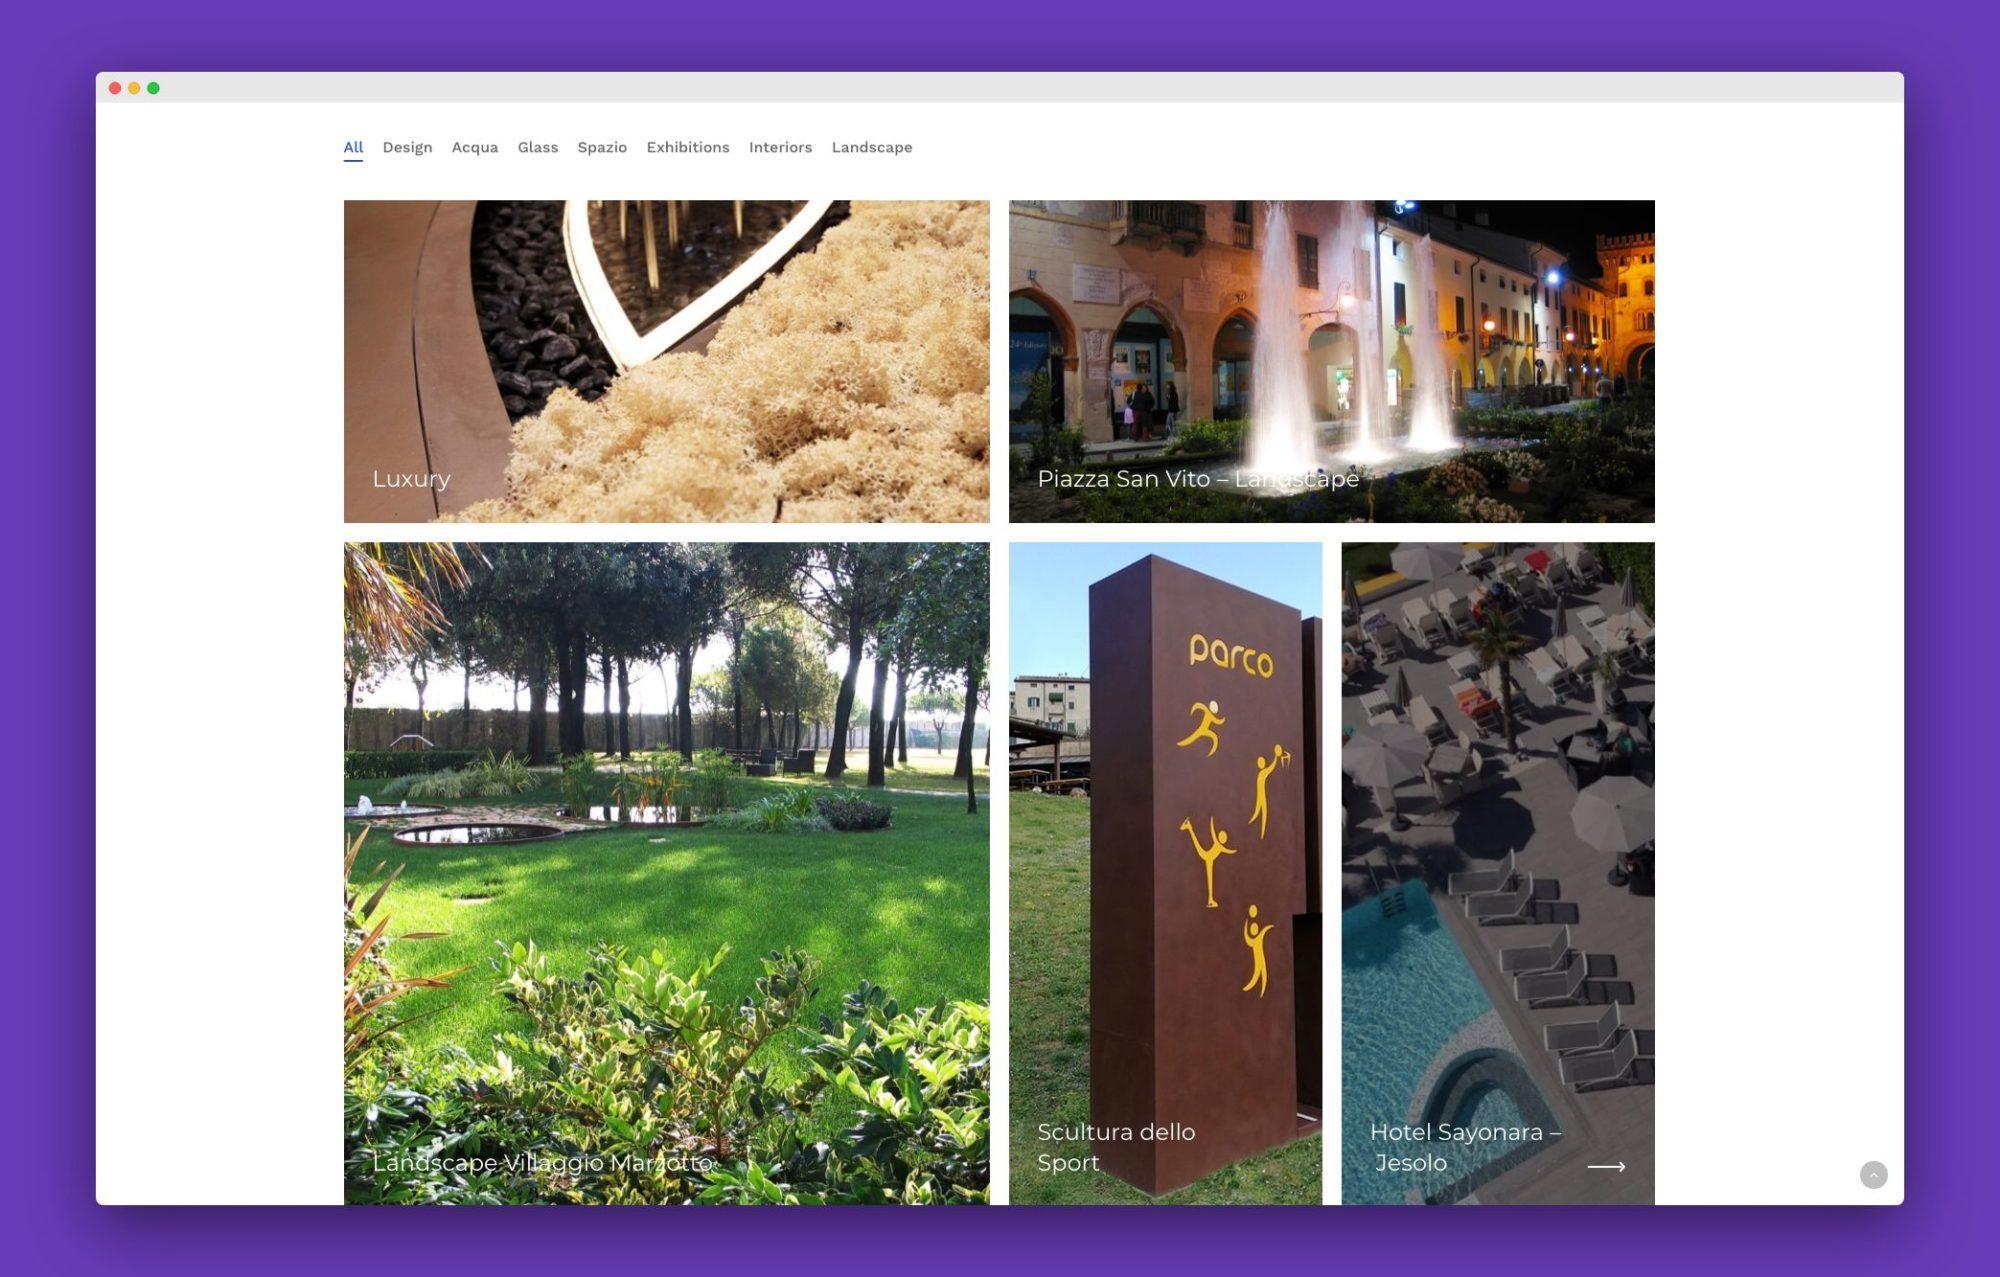 realizzazione sito internet architetto venezia 2 - Favrin Design - Architecture and Design